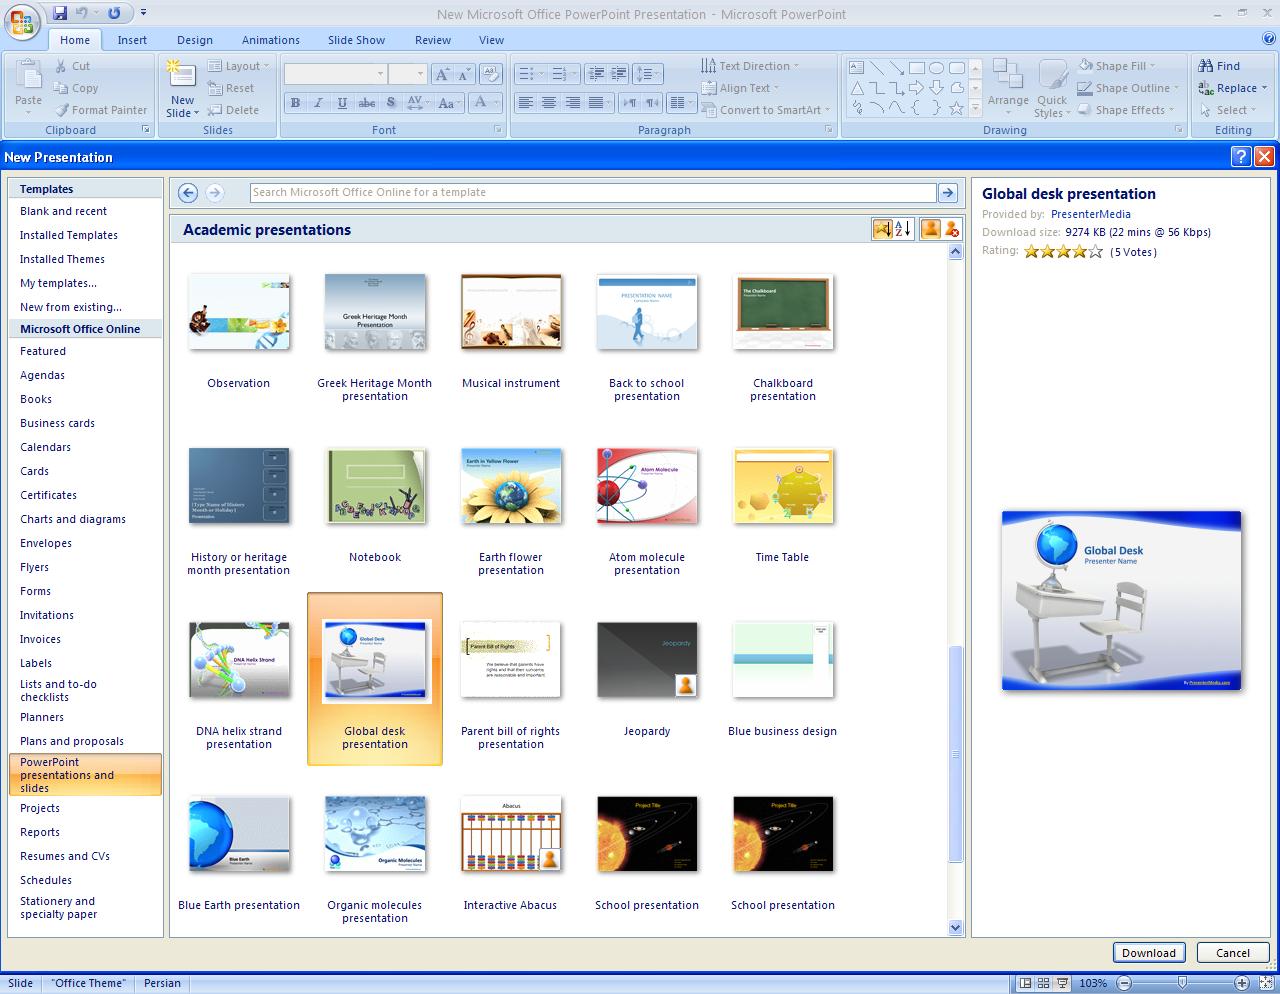 نمونه اي از قالبهاي اسلايد موجود در سرويس Office Online شركت مايكروسافت